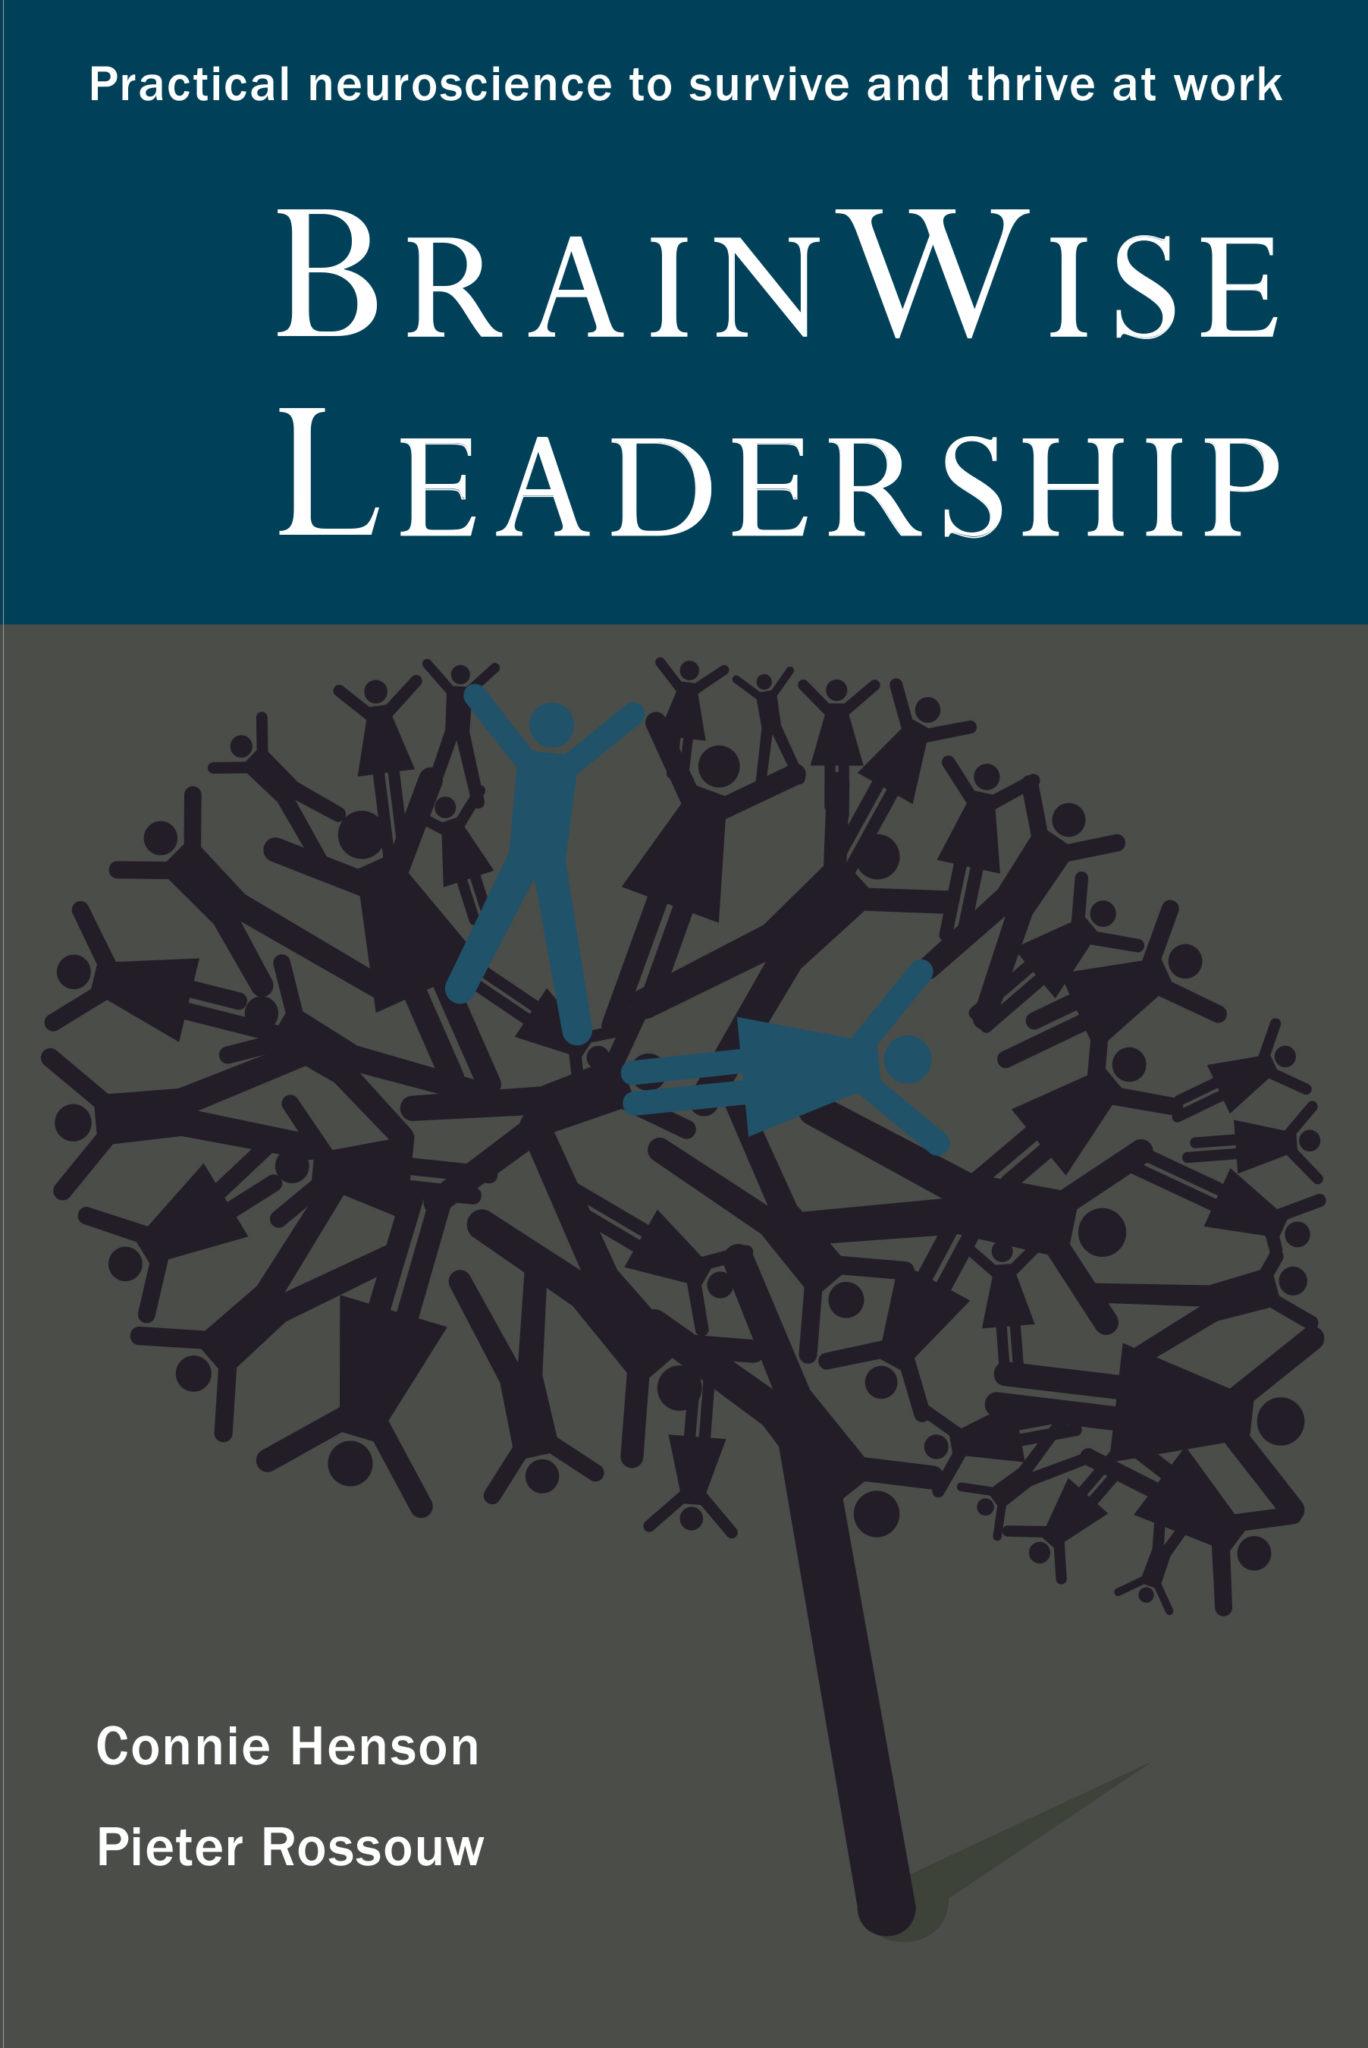 BrainWise Leadership